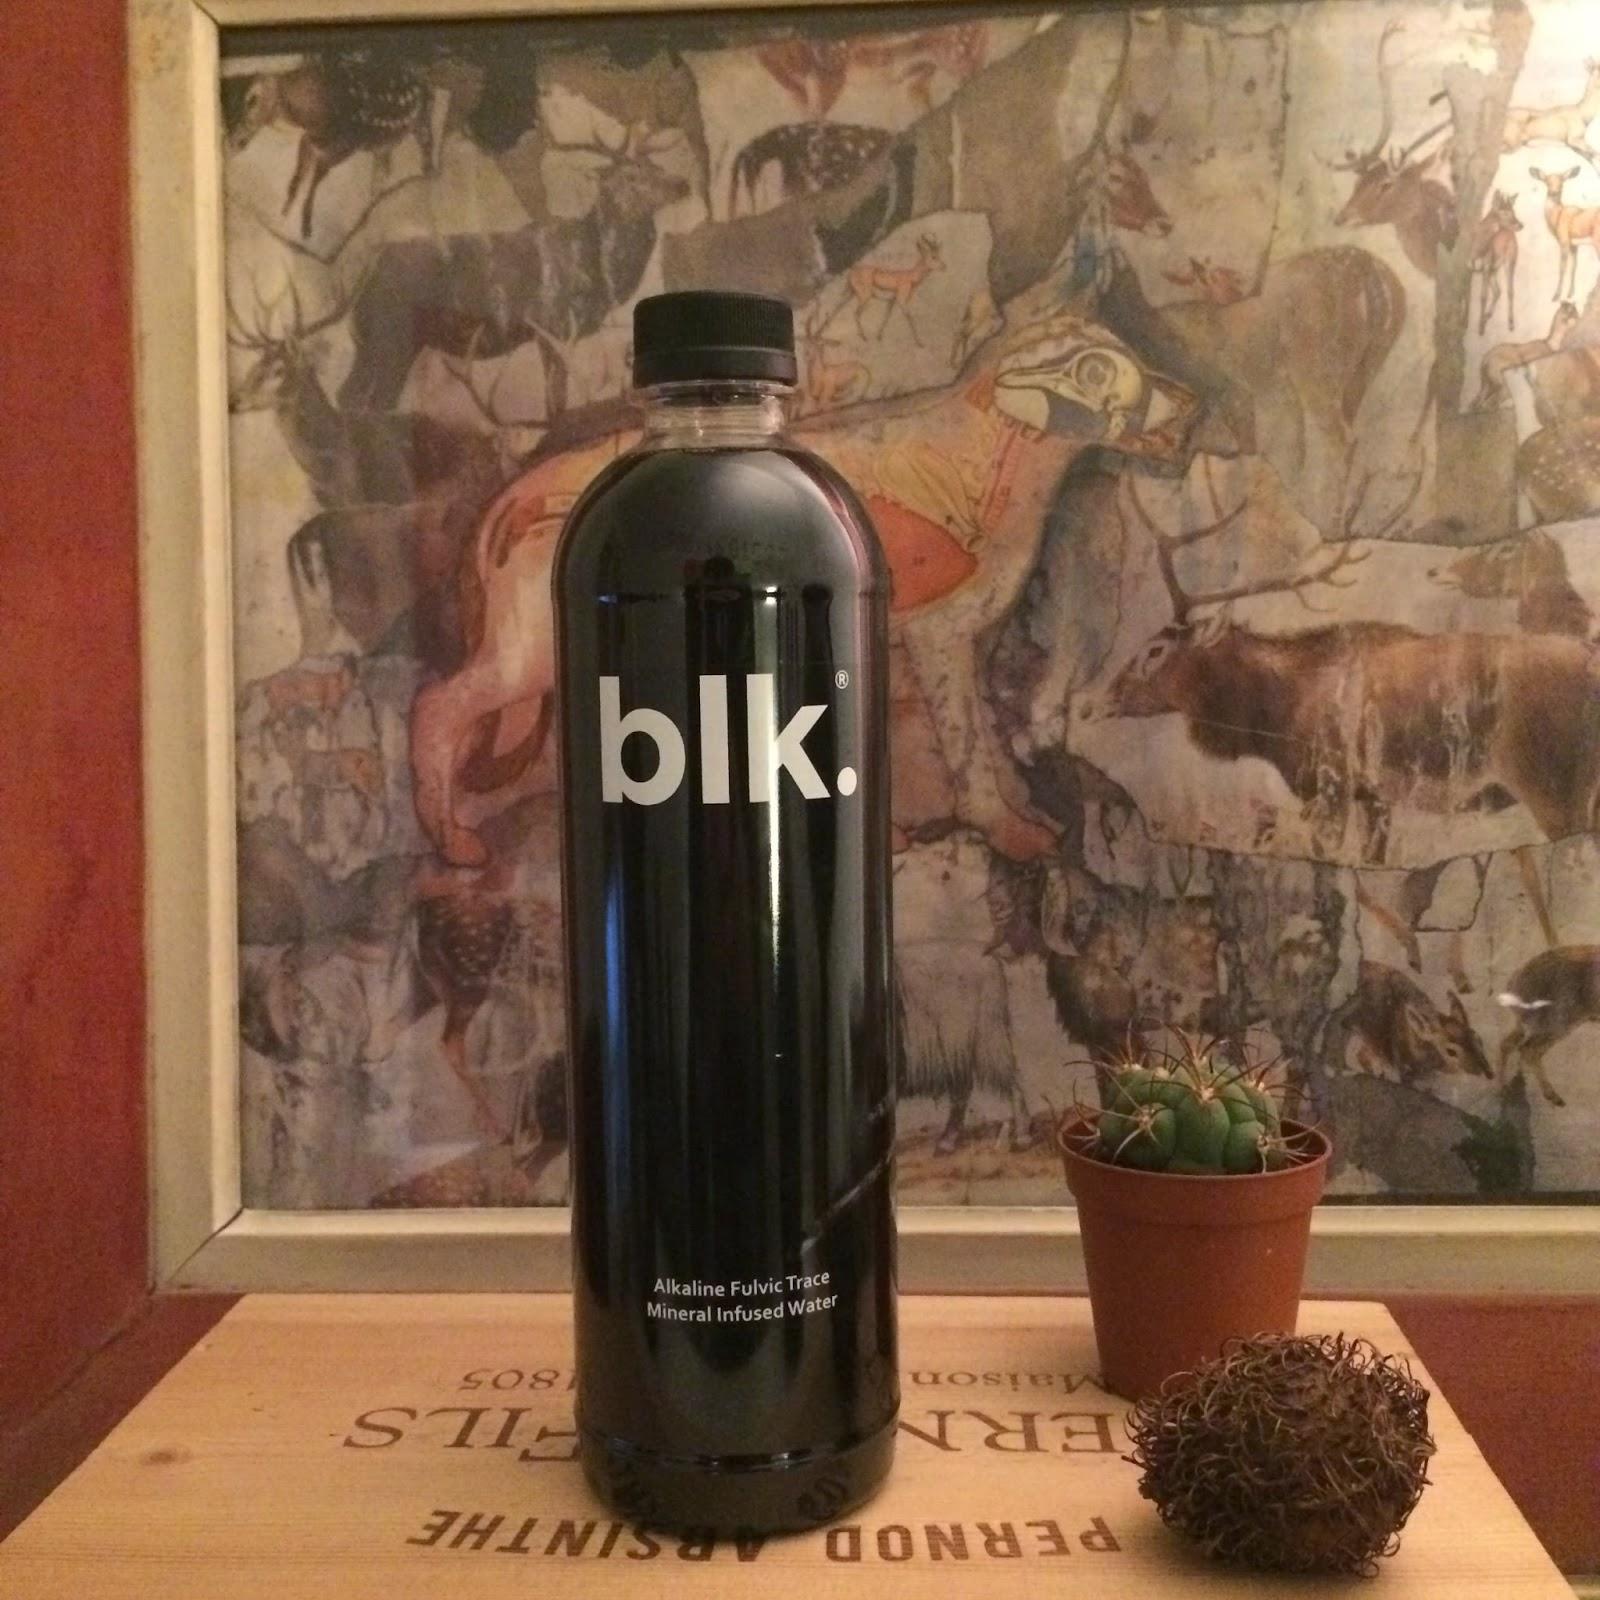 spiritueux magazine blk le c t obscur de l 39 eau min rale. Black Bedroom Furniture Sets. Home Design Ideas